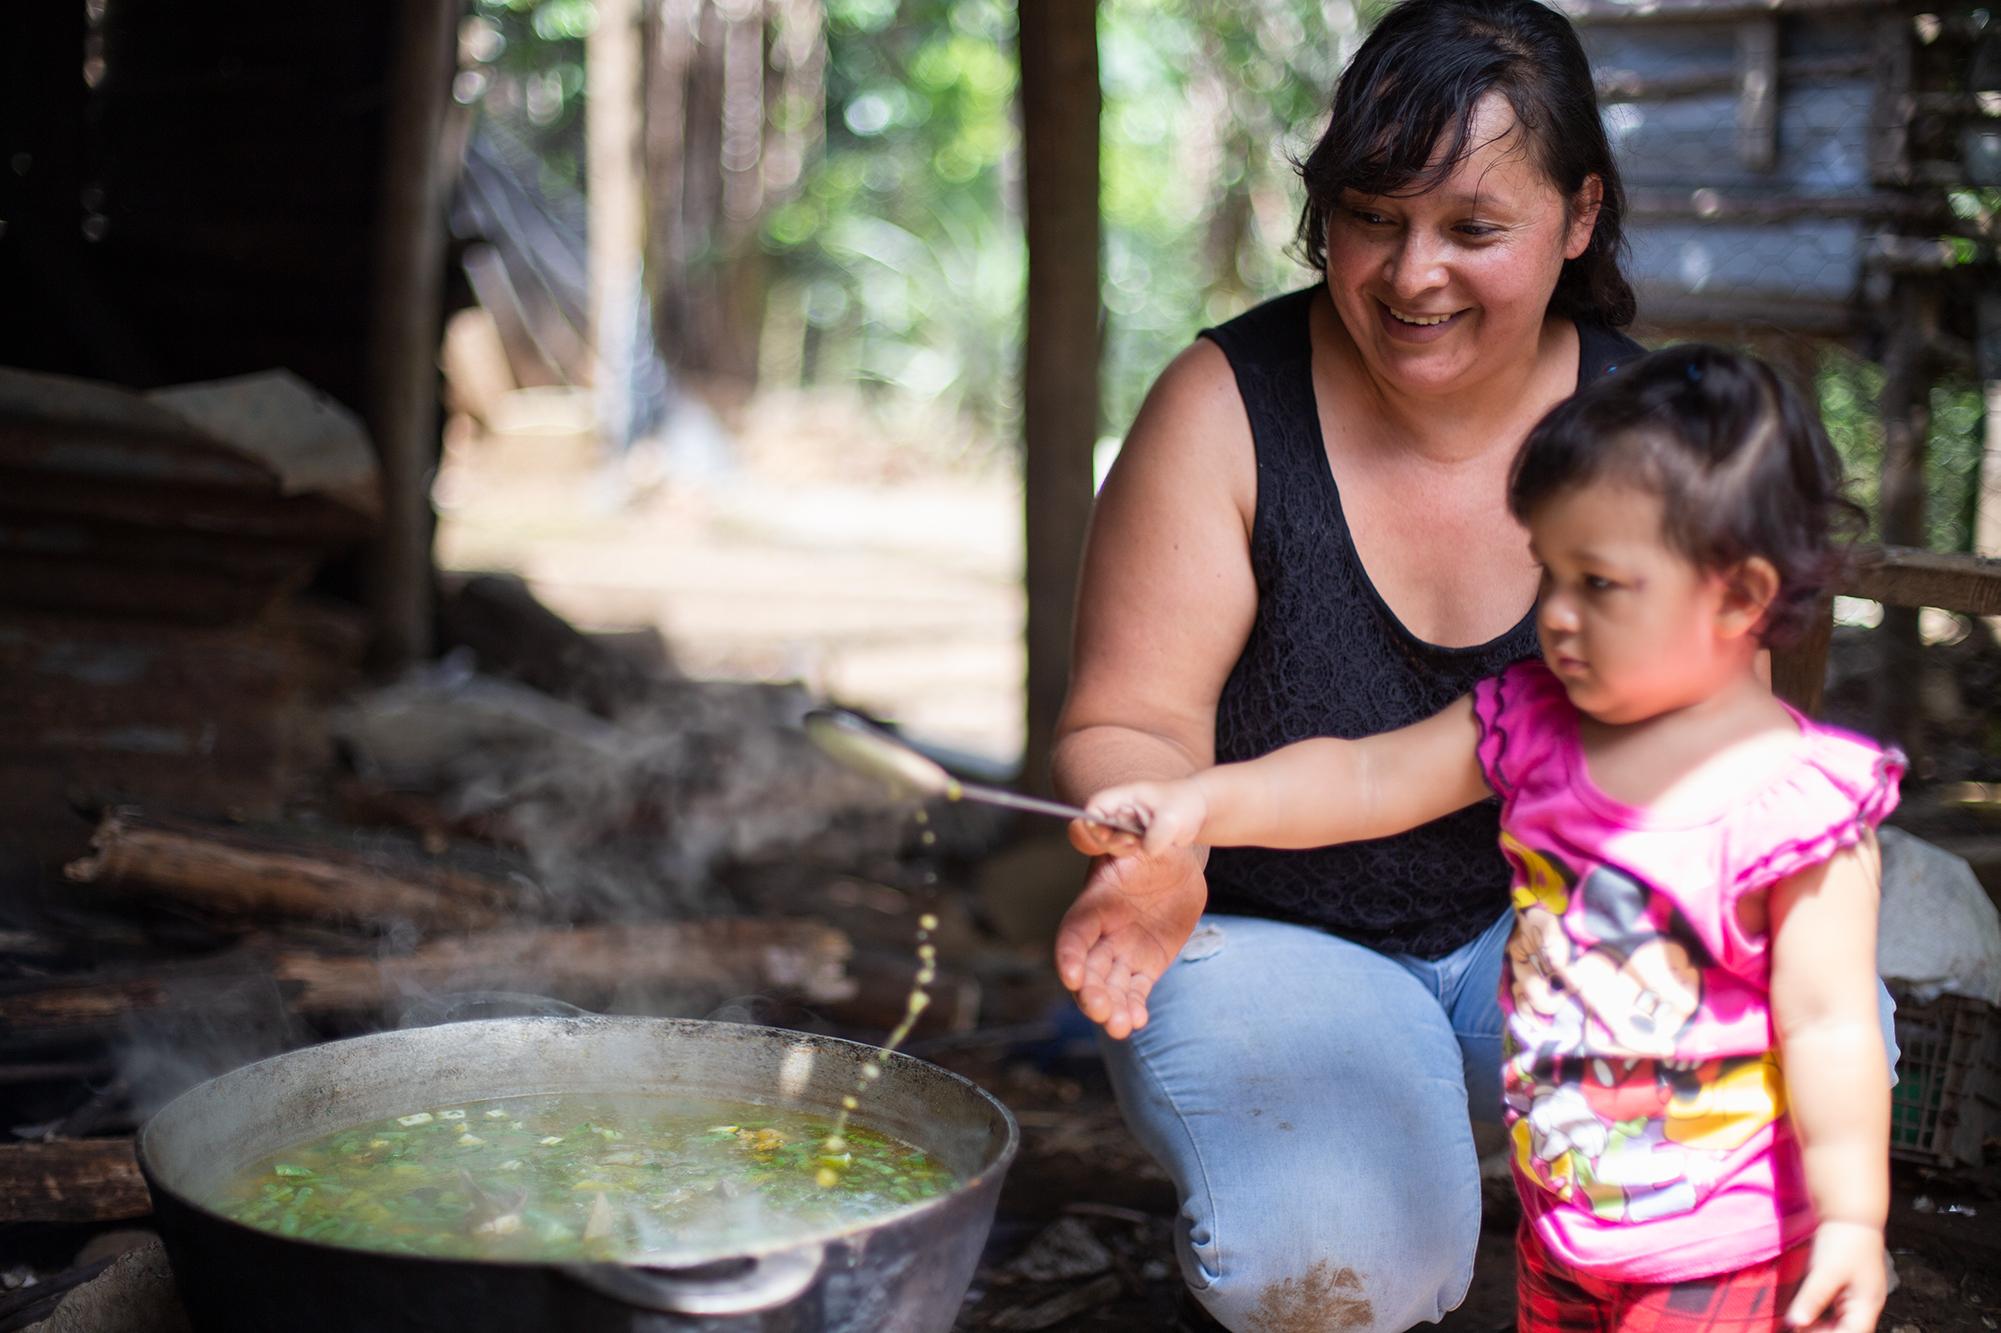 Dina junto a su nieta de dos años mientras cocina una sopa de gallina para el almuerzo que ha encargado la CNTC, quien suele contratarla para cocinar cuando la organización realiza talleres o jornadas con mucha gente. Chinacla, La Paz, 20 de octubre de 2020. Foto: Martín Cálix.